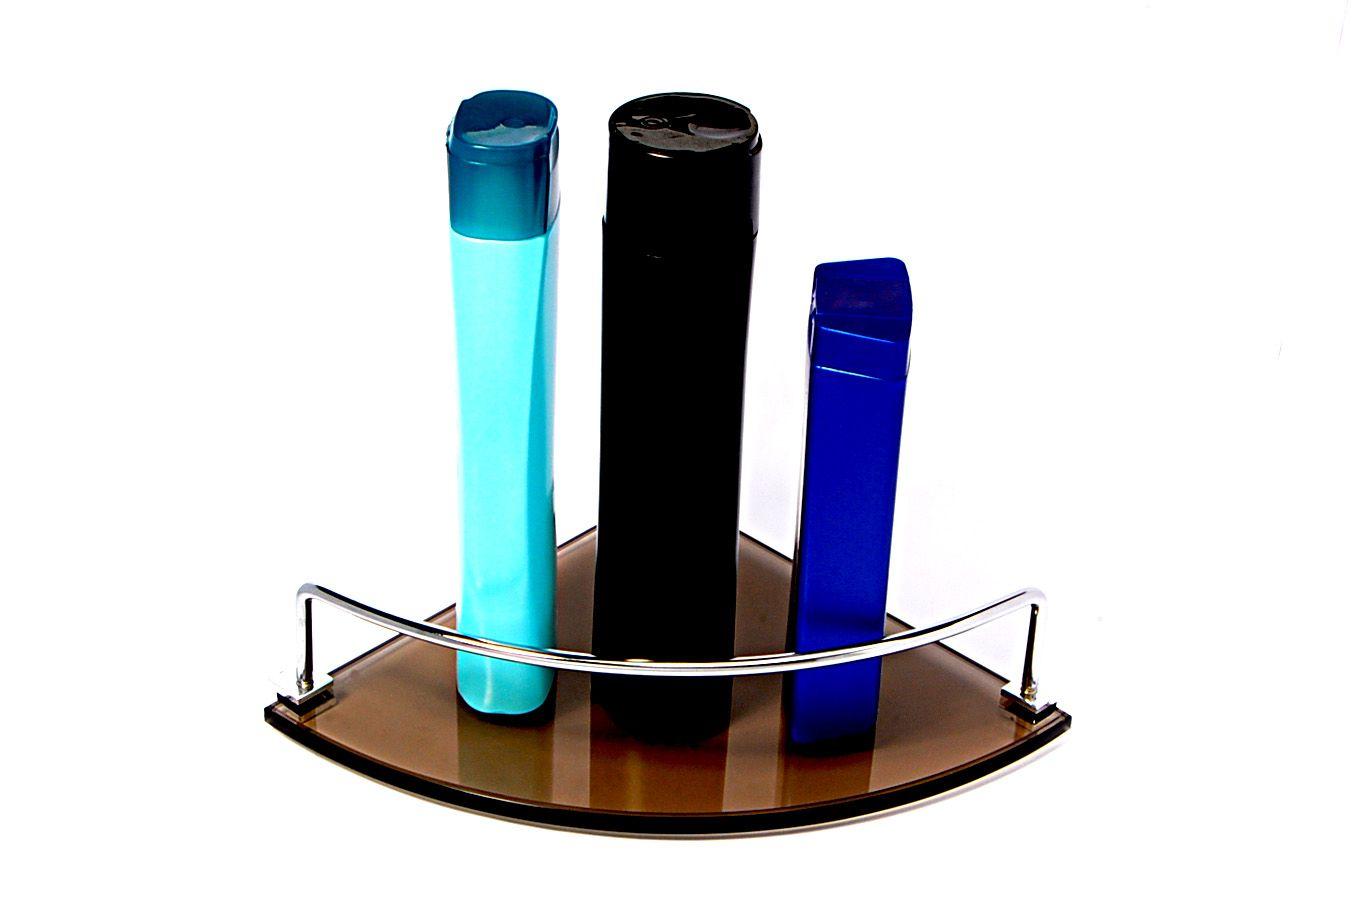 Porta Shampoo de Canto Curvo em Vidro Bronze Lapidado - Aquabox  - 20cmx20cmx8mm